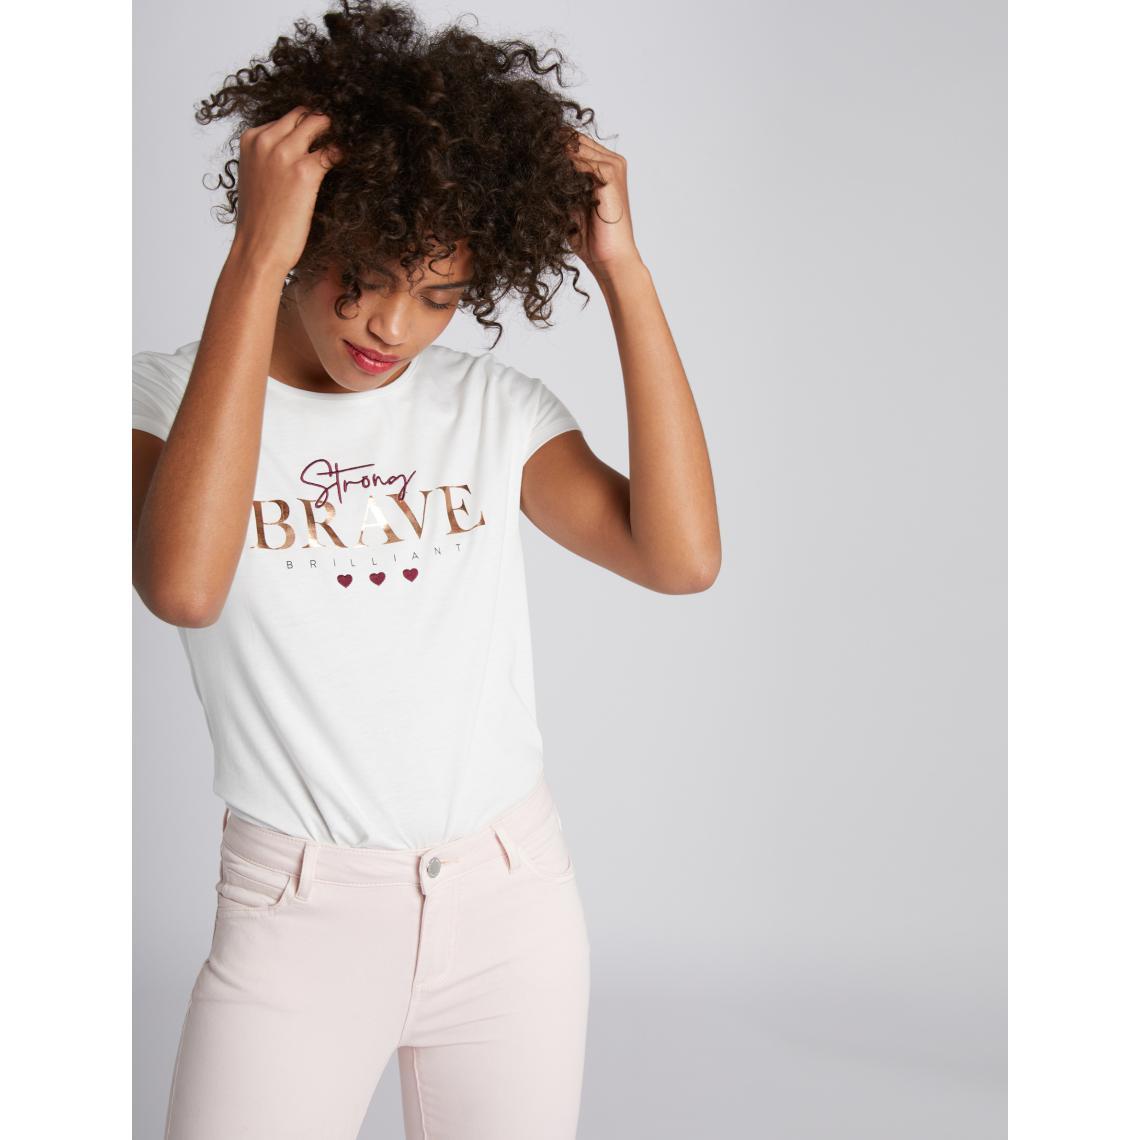 MORCHAN T-Shirt /à Manches Courtes col Rond Manches Courtes pour Femme